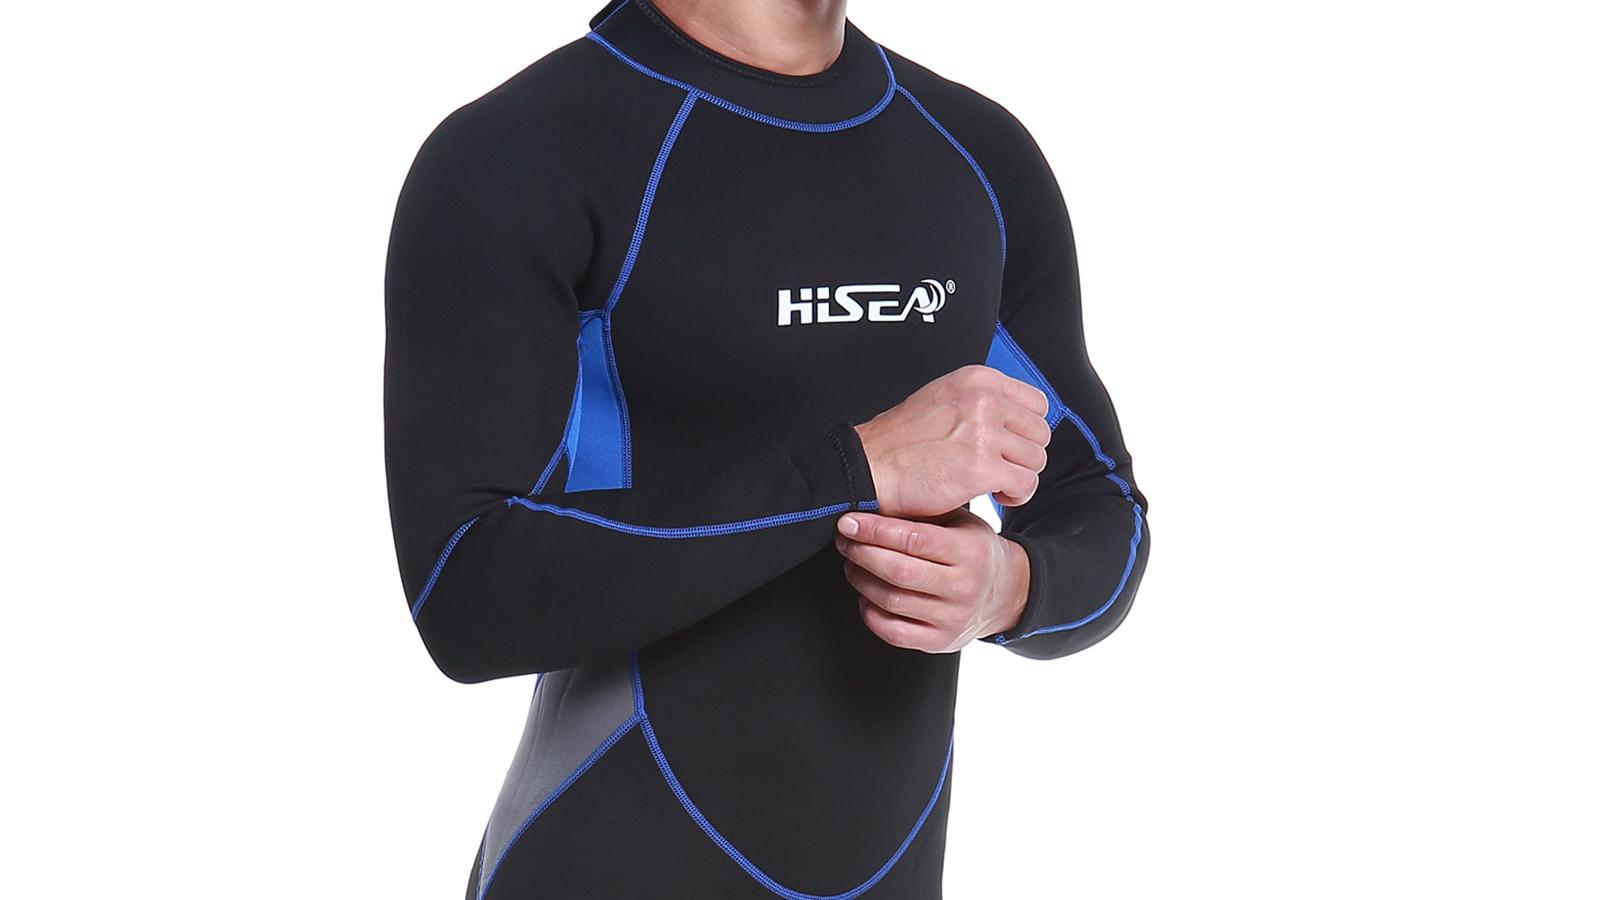 мужской гидрокостюм, плечевой пояс